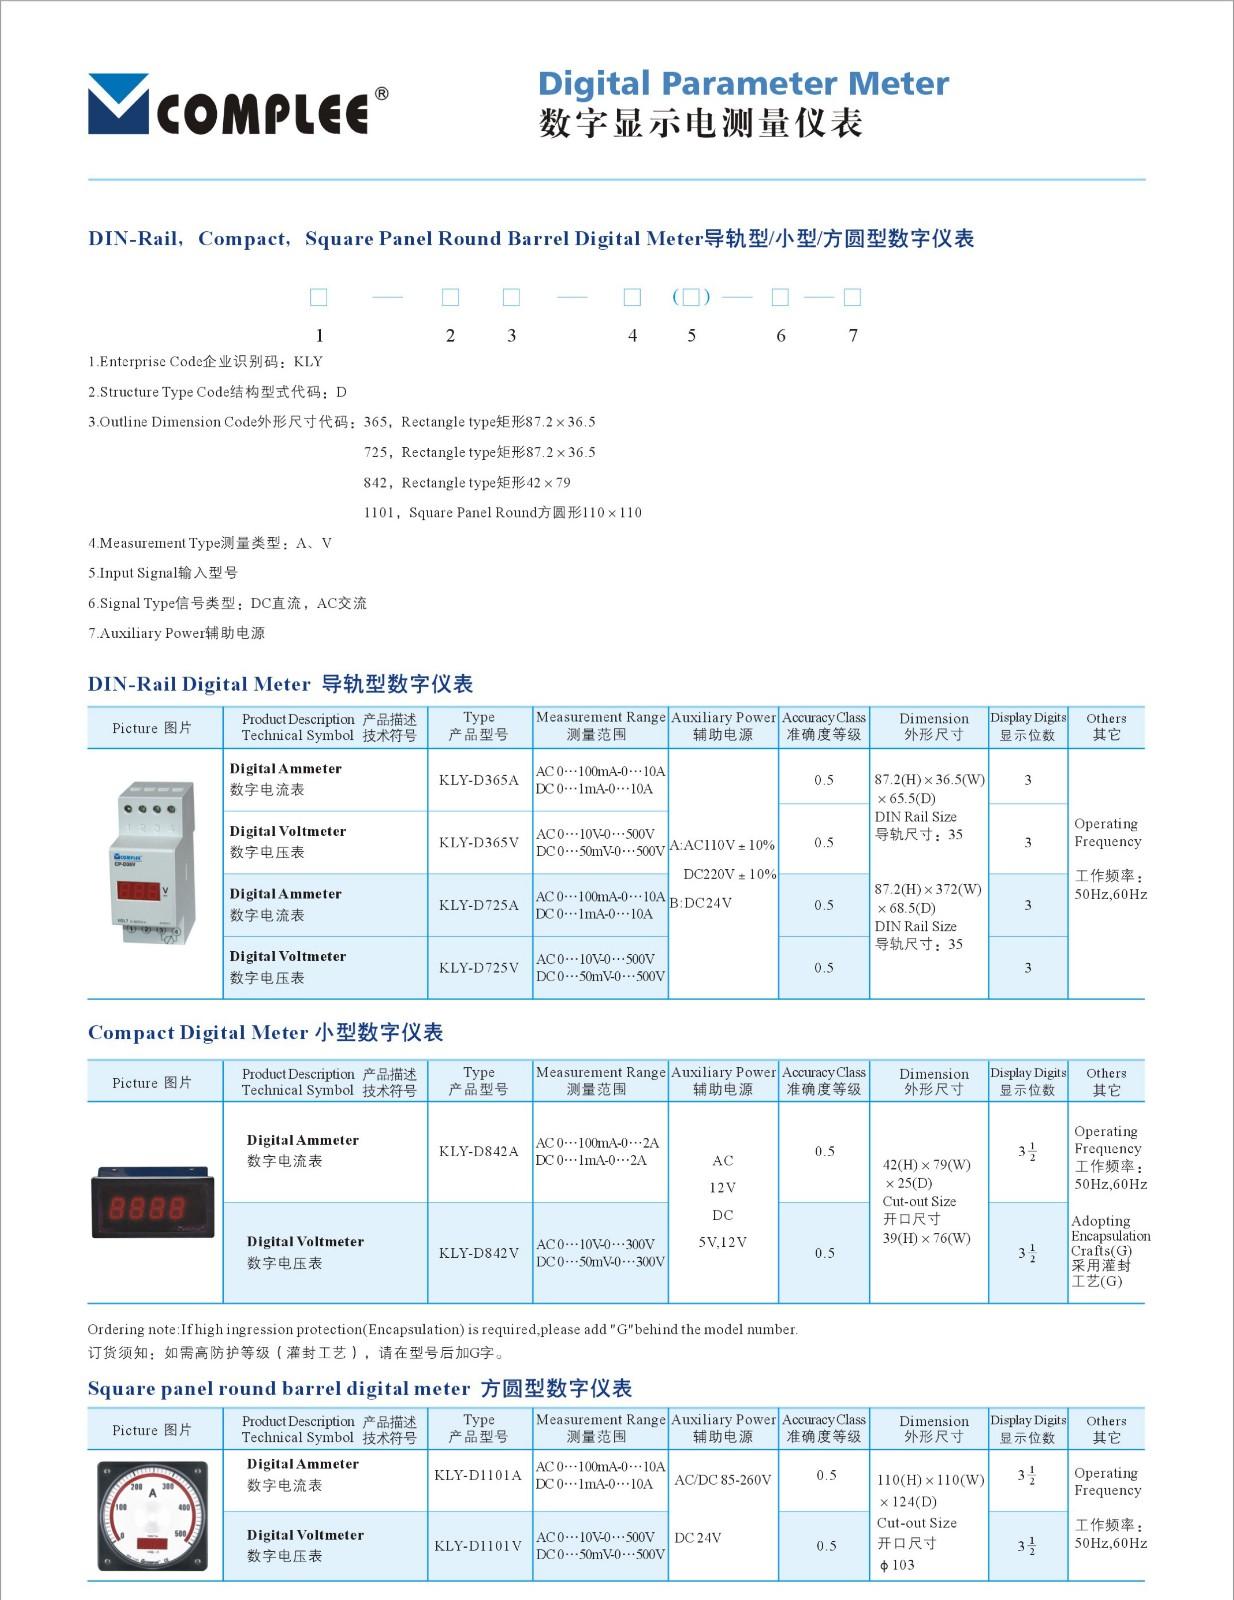 201710数字表现电丈量仪表样本(1)-13 正本.JPG